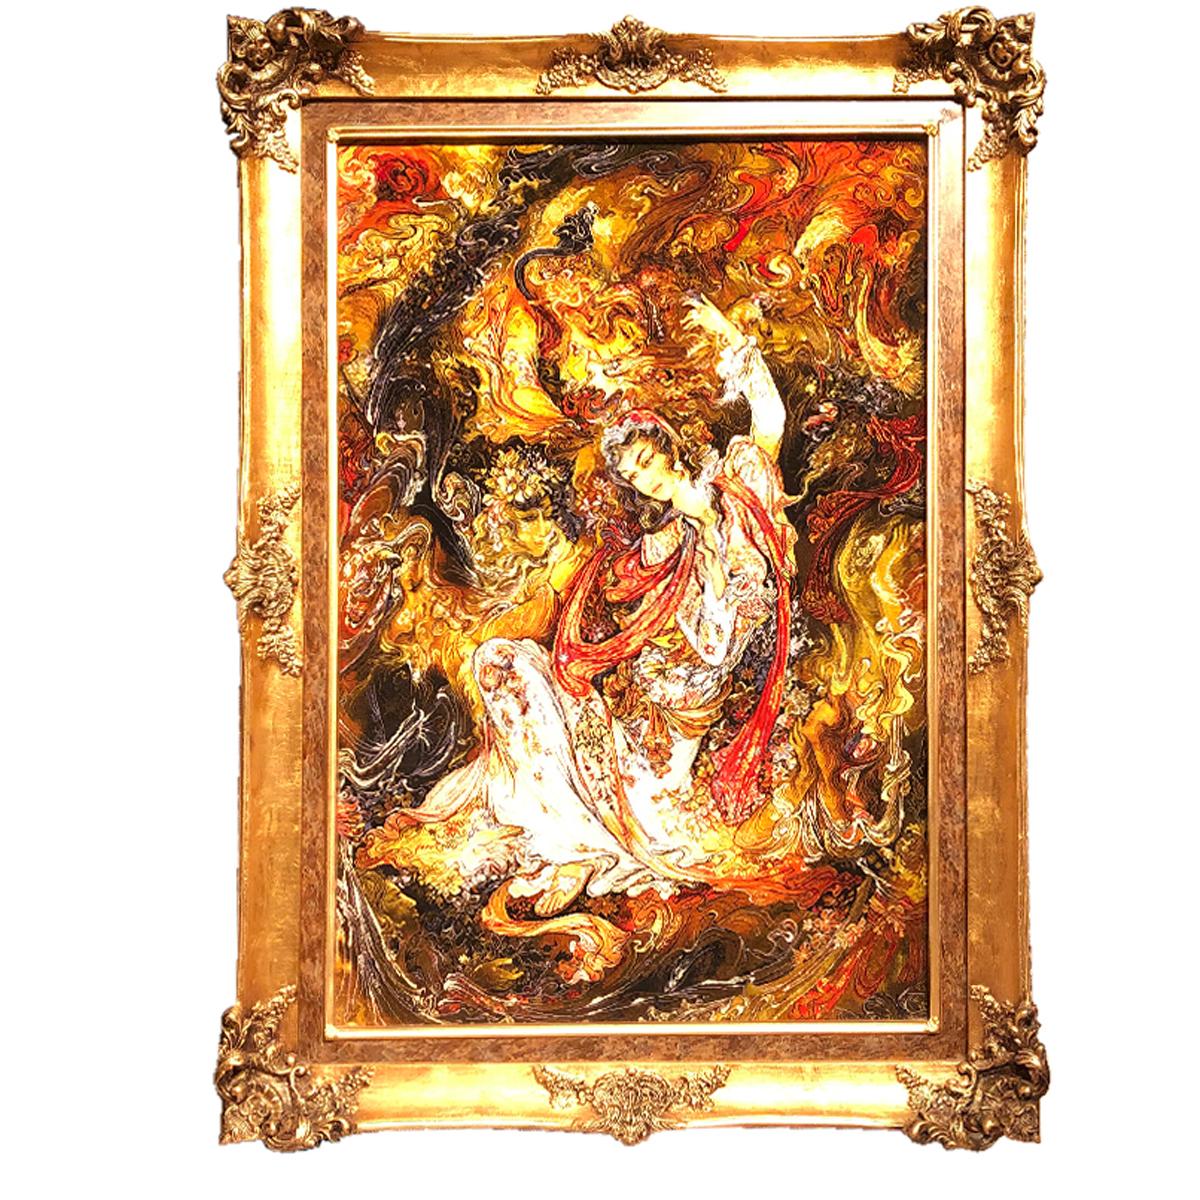 تابلو فرش دستبافت طرح مینیاتور سروش عالم غیب استاد فرشچیان کد 1104961